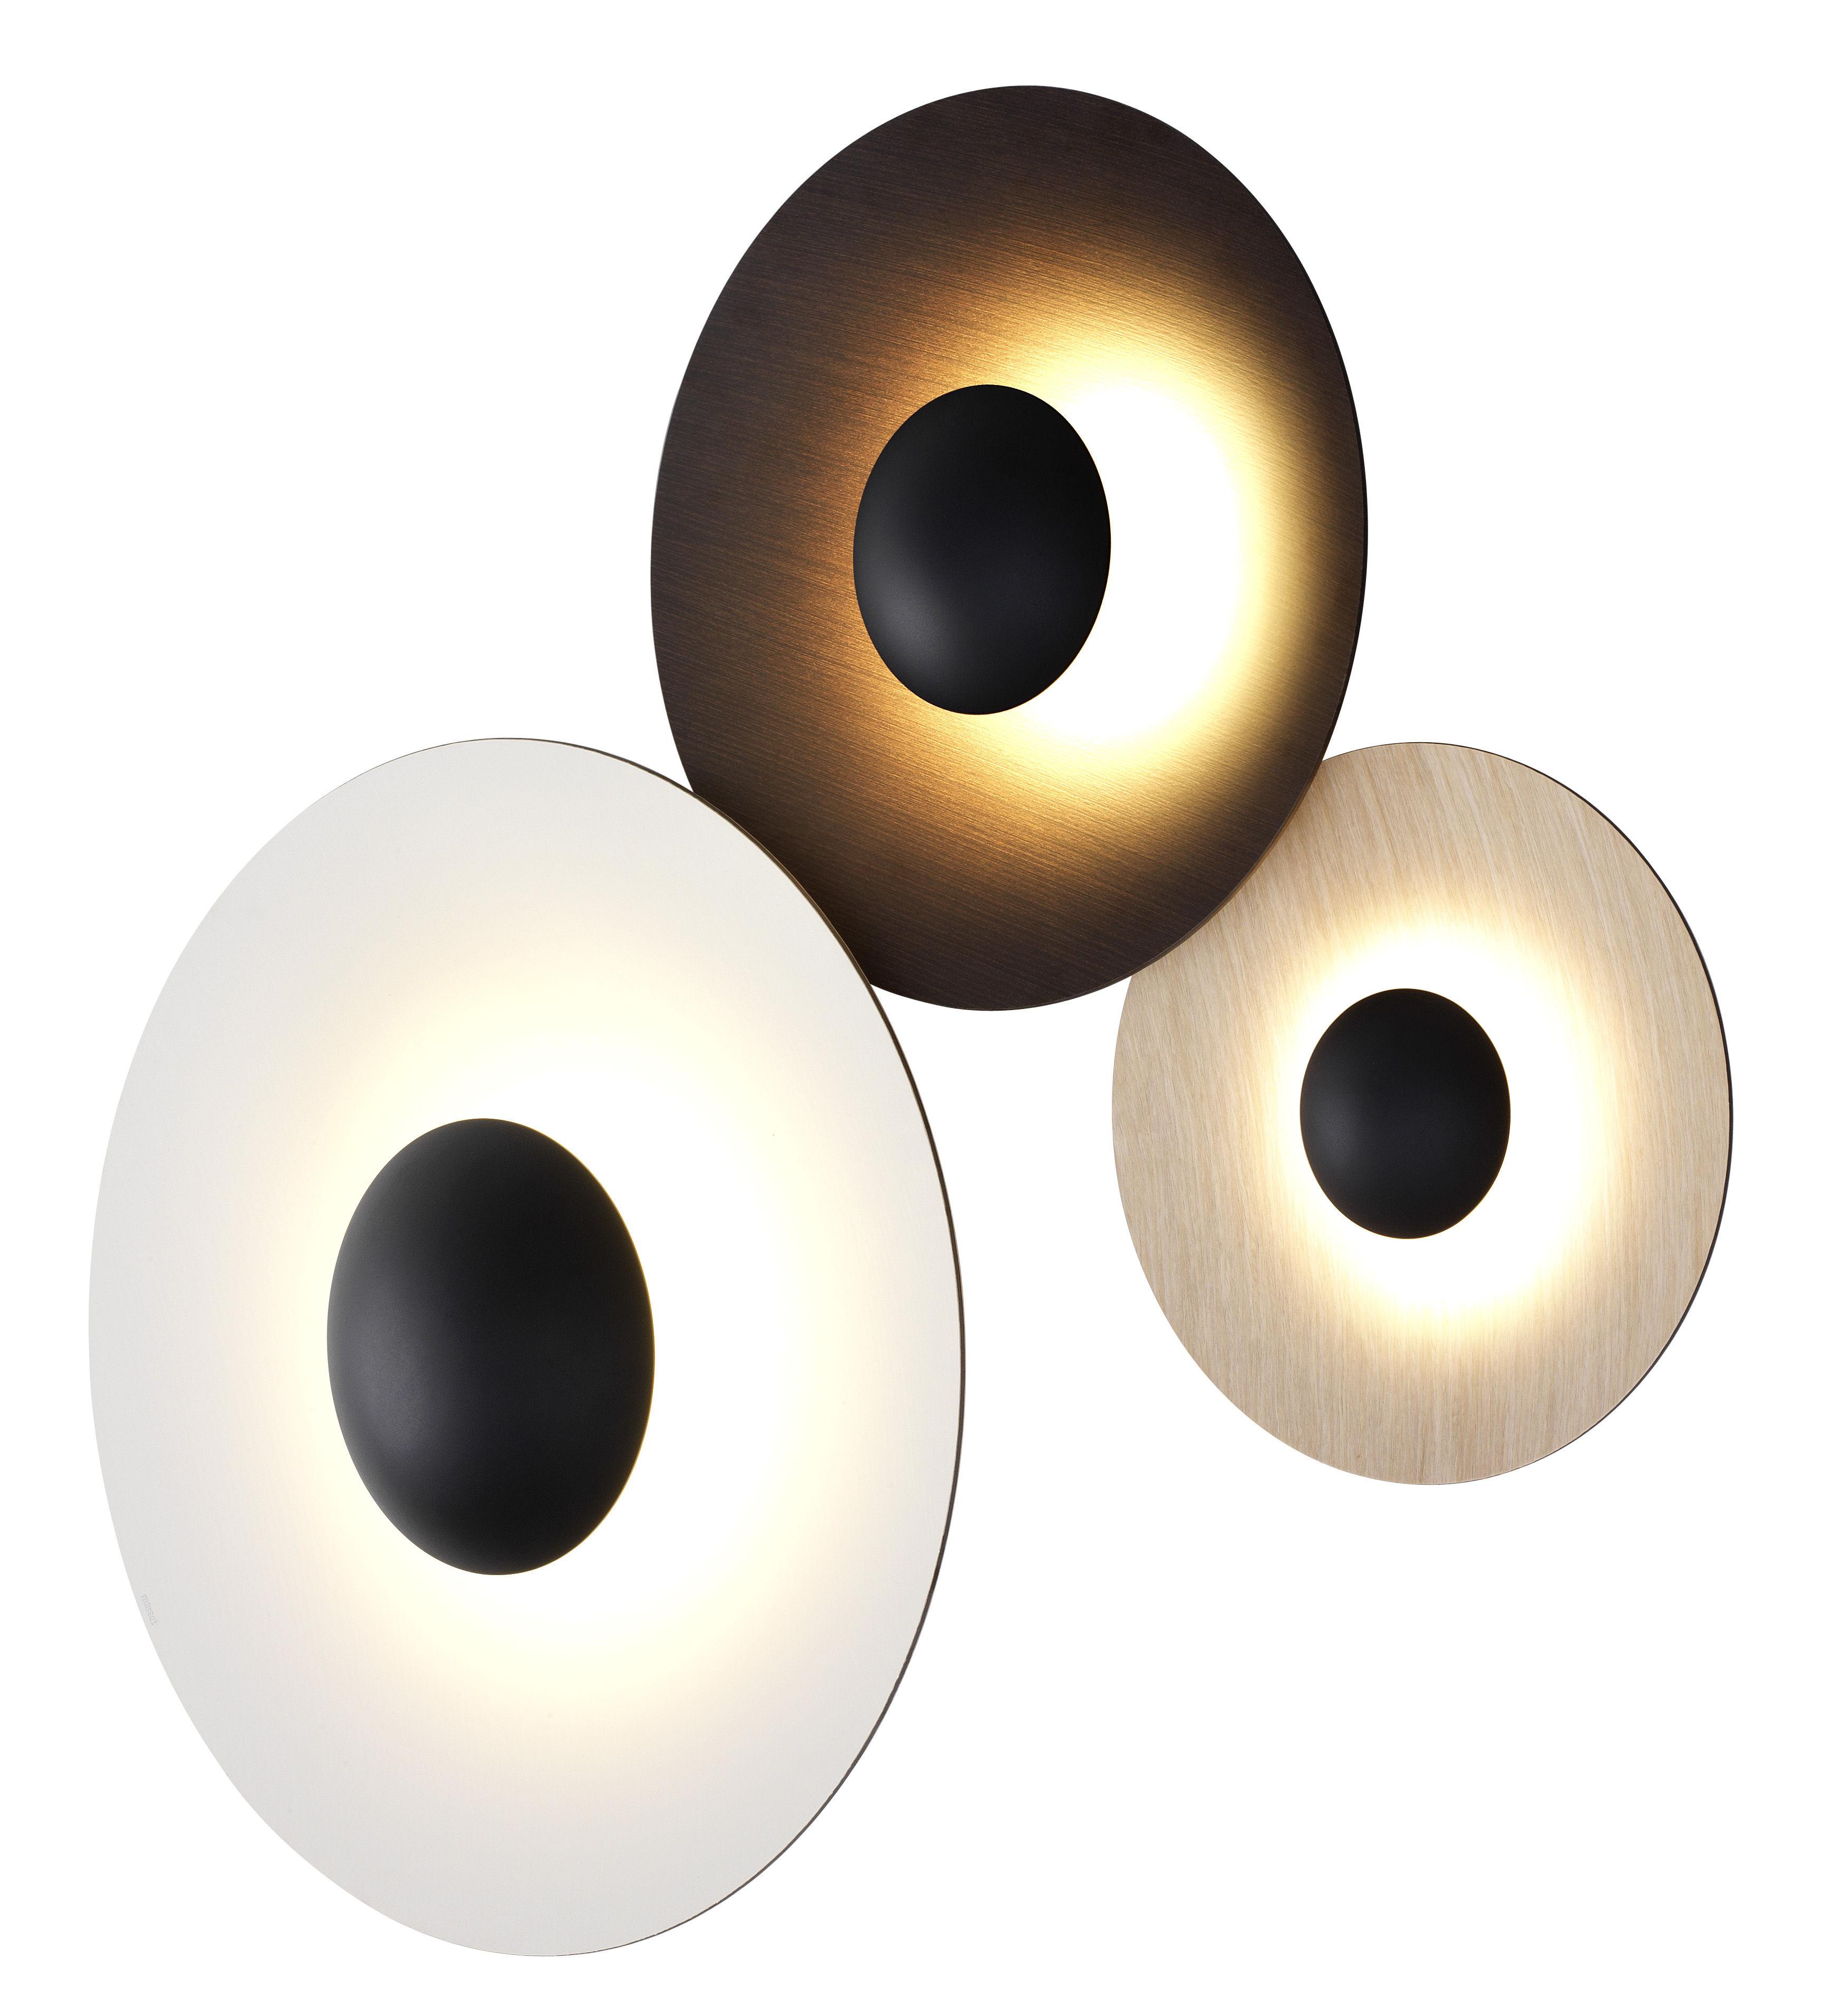 Illuminazione - Lampade da parete - Applique Ginger Tripla / Ø 32, 42 & 60 cm - Legno - Marset - Bianco / Rovere / Wengé - Compensato di rovere, Compensato di wengé, metallo laccato